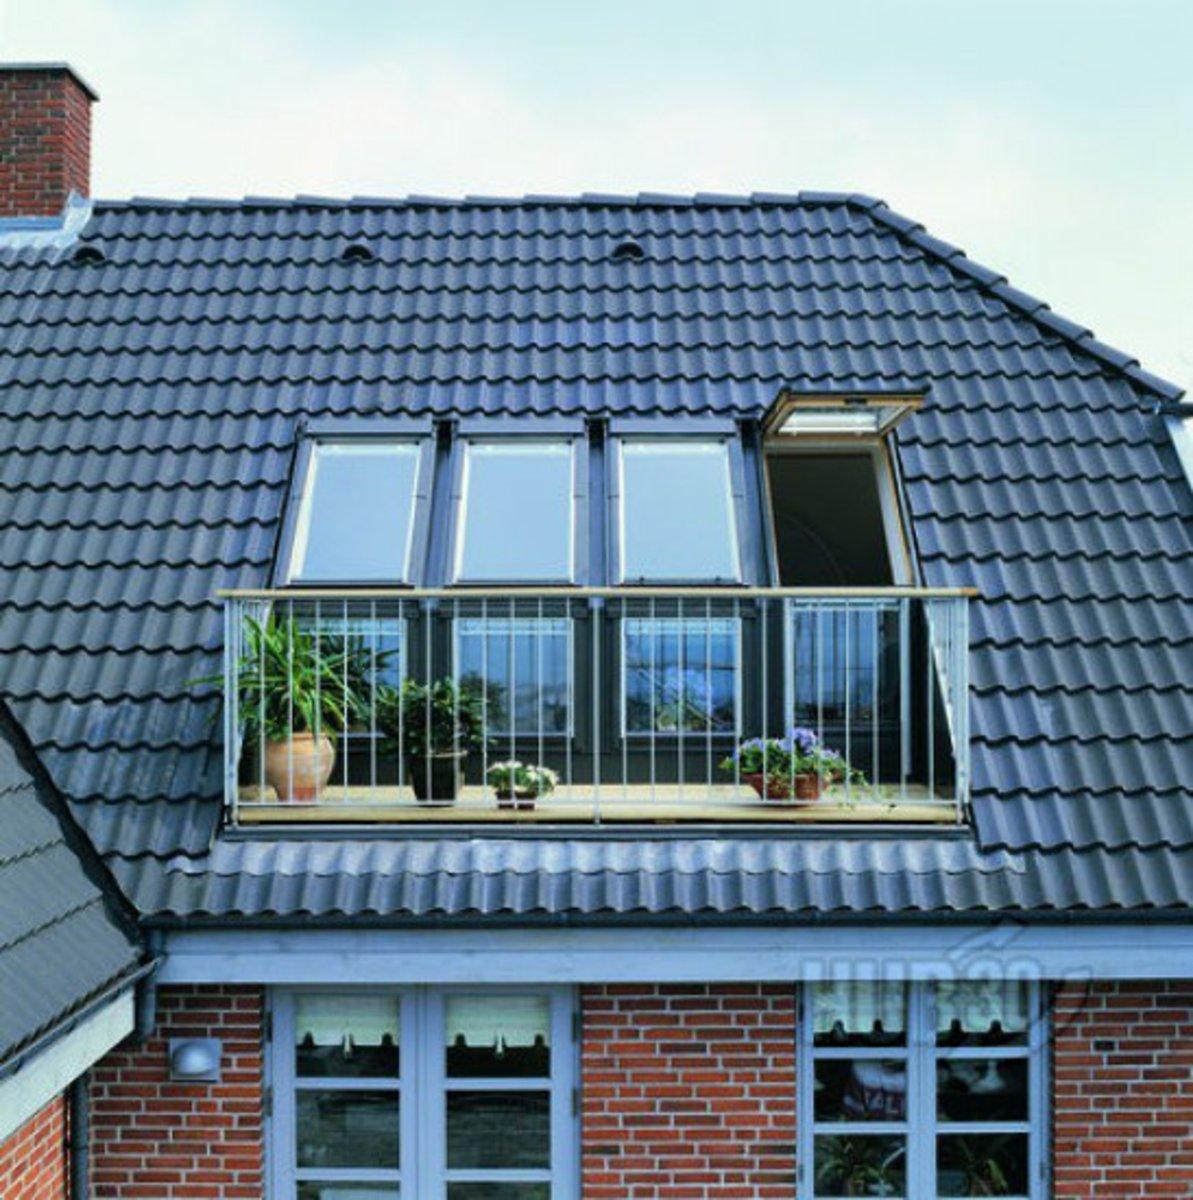 огурцами, окна на крышах частных домов фото очень